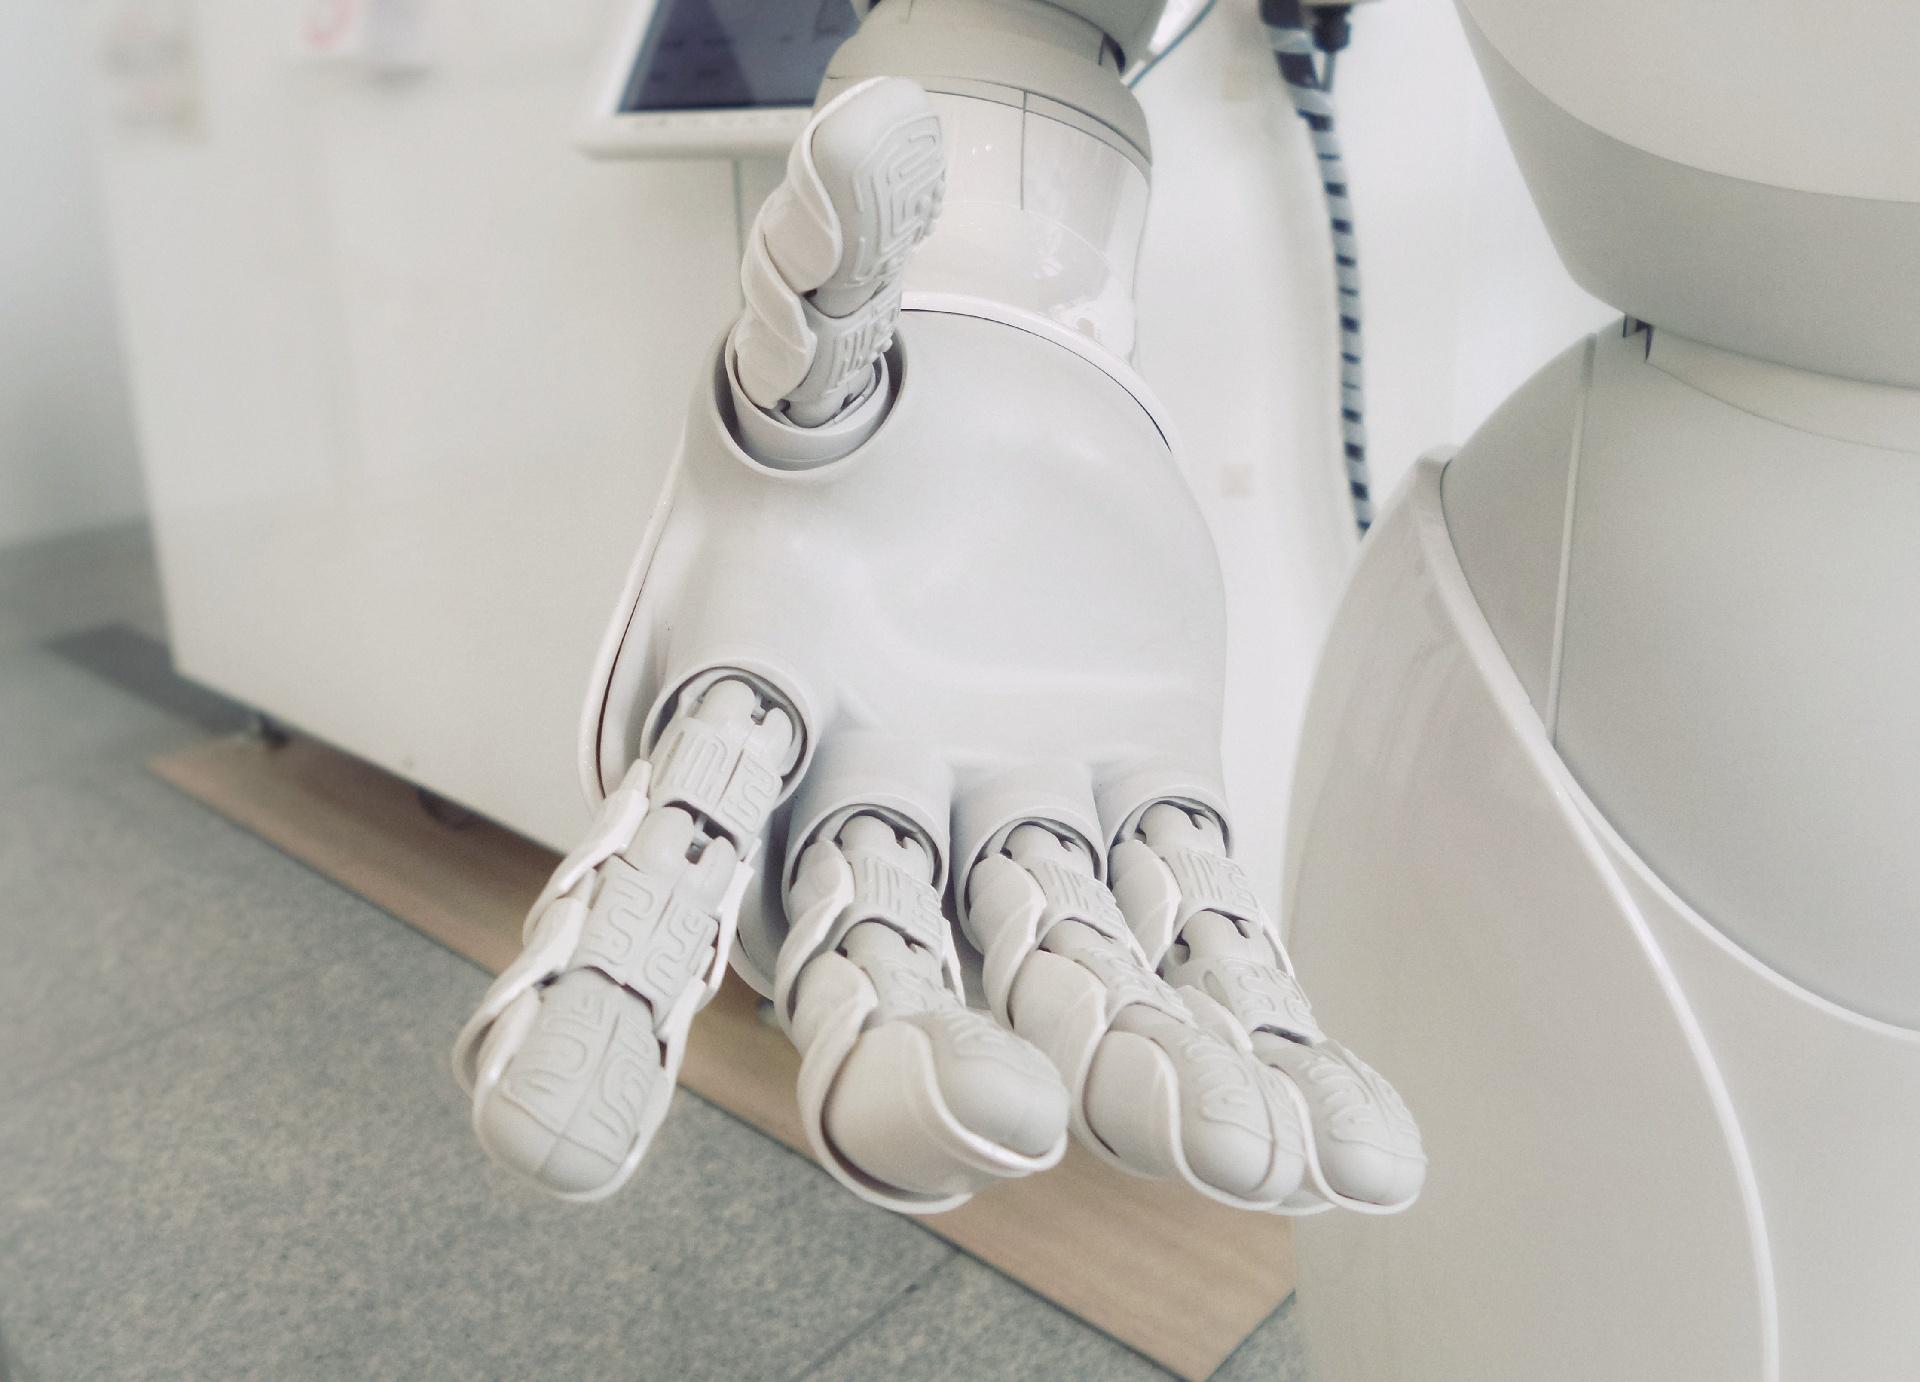 Swiss Artificial Intelligence Research Overview Platform_cmm360